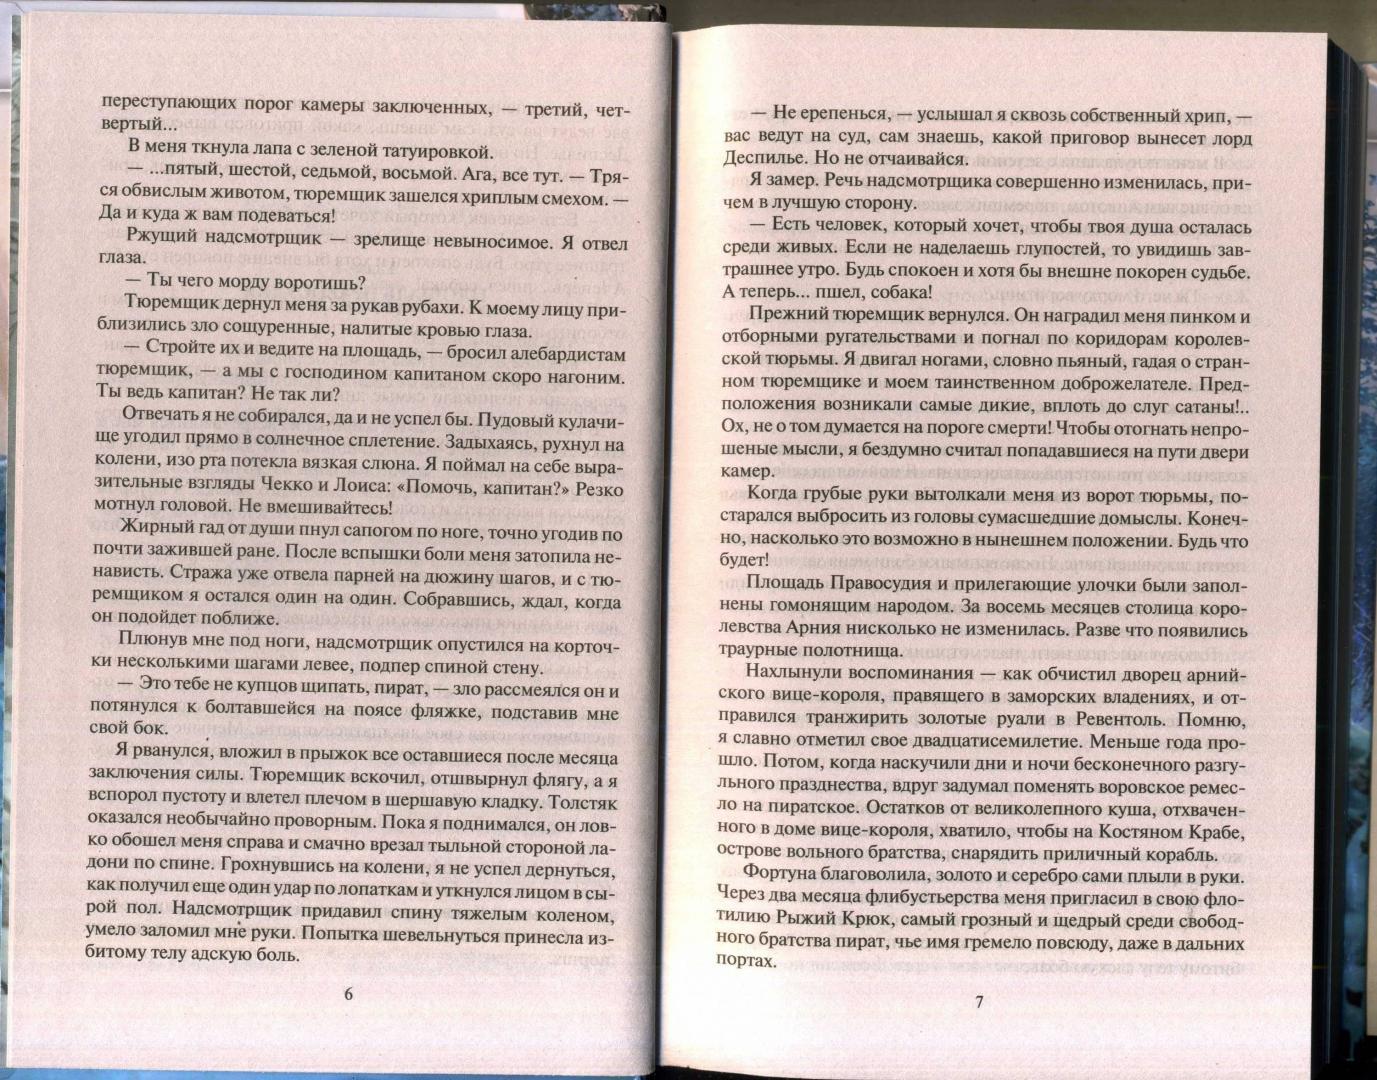 Иллюстрация 6 из 6 для Вор и убийца - Сергей Куц   Лабиринт - книги. Источник: Ольга